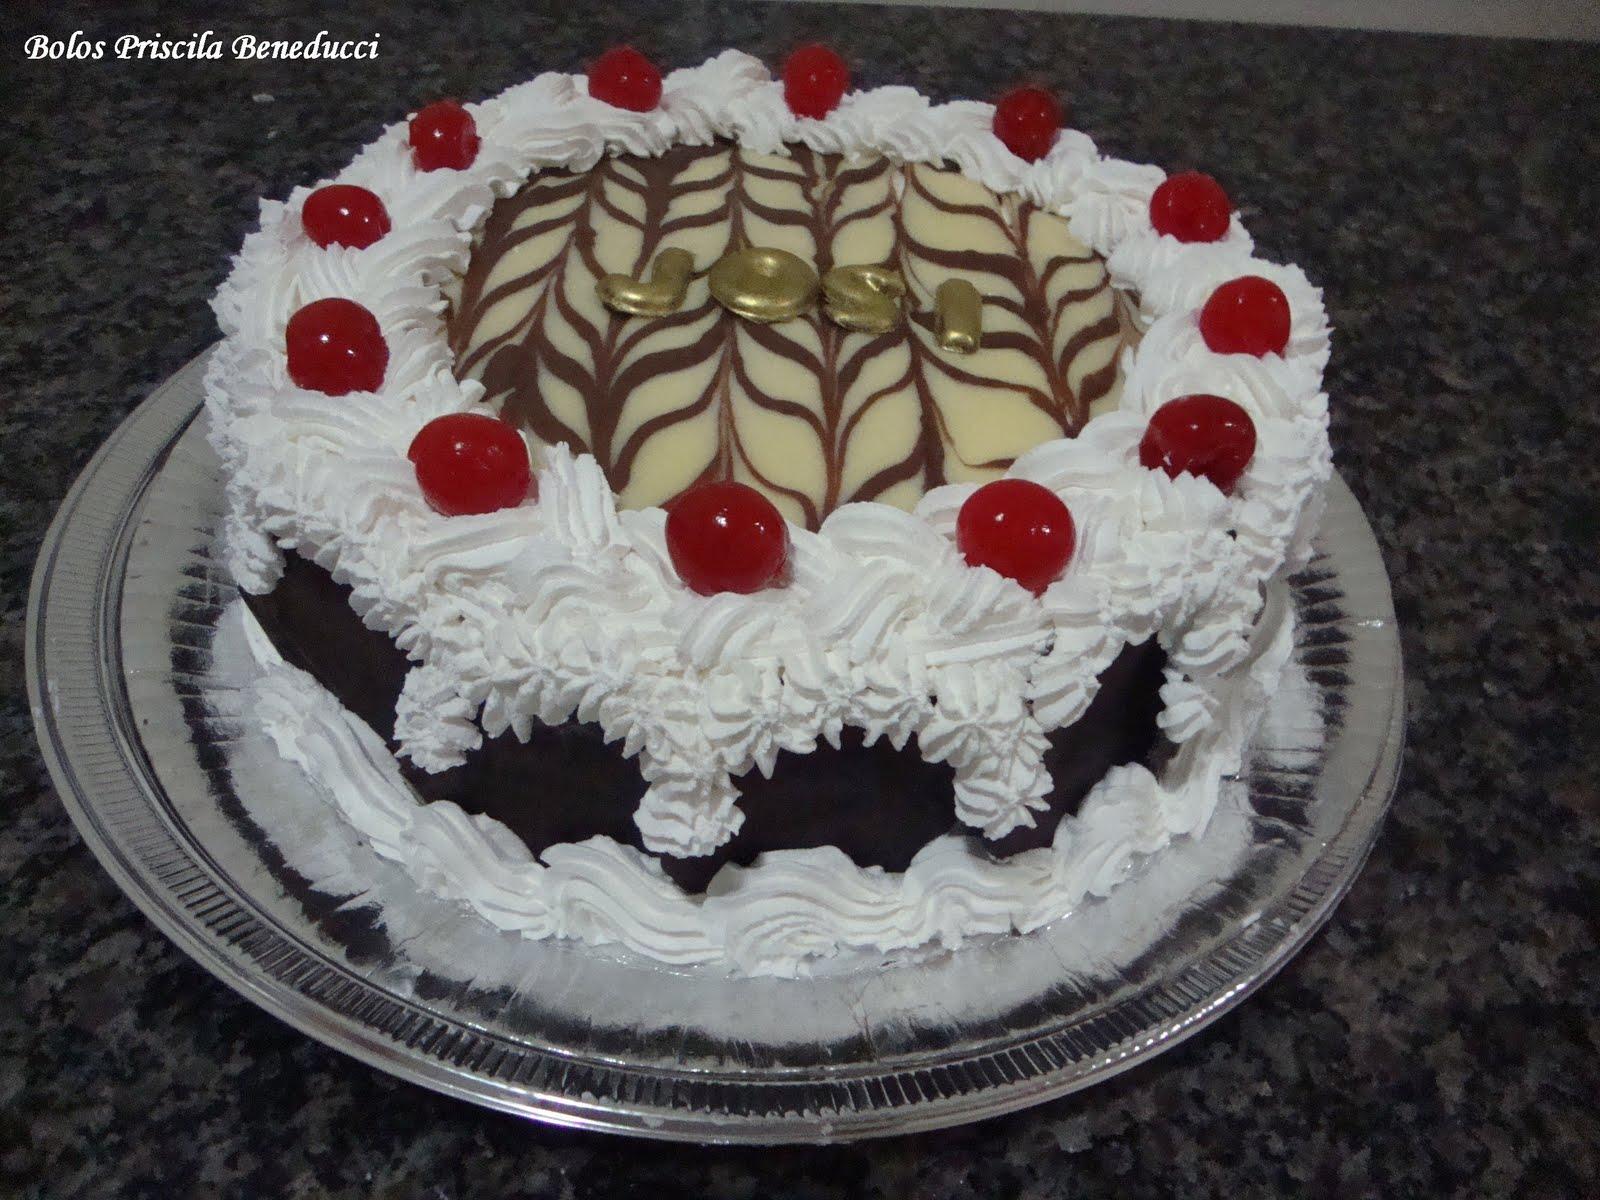 Bolos Priscila Beneducci Pâtisserie: bolo embrulhado